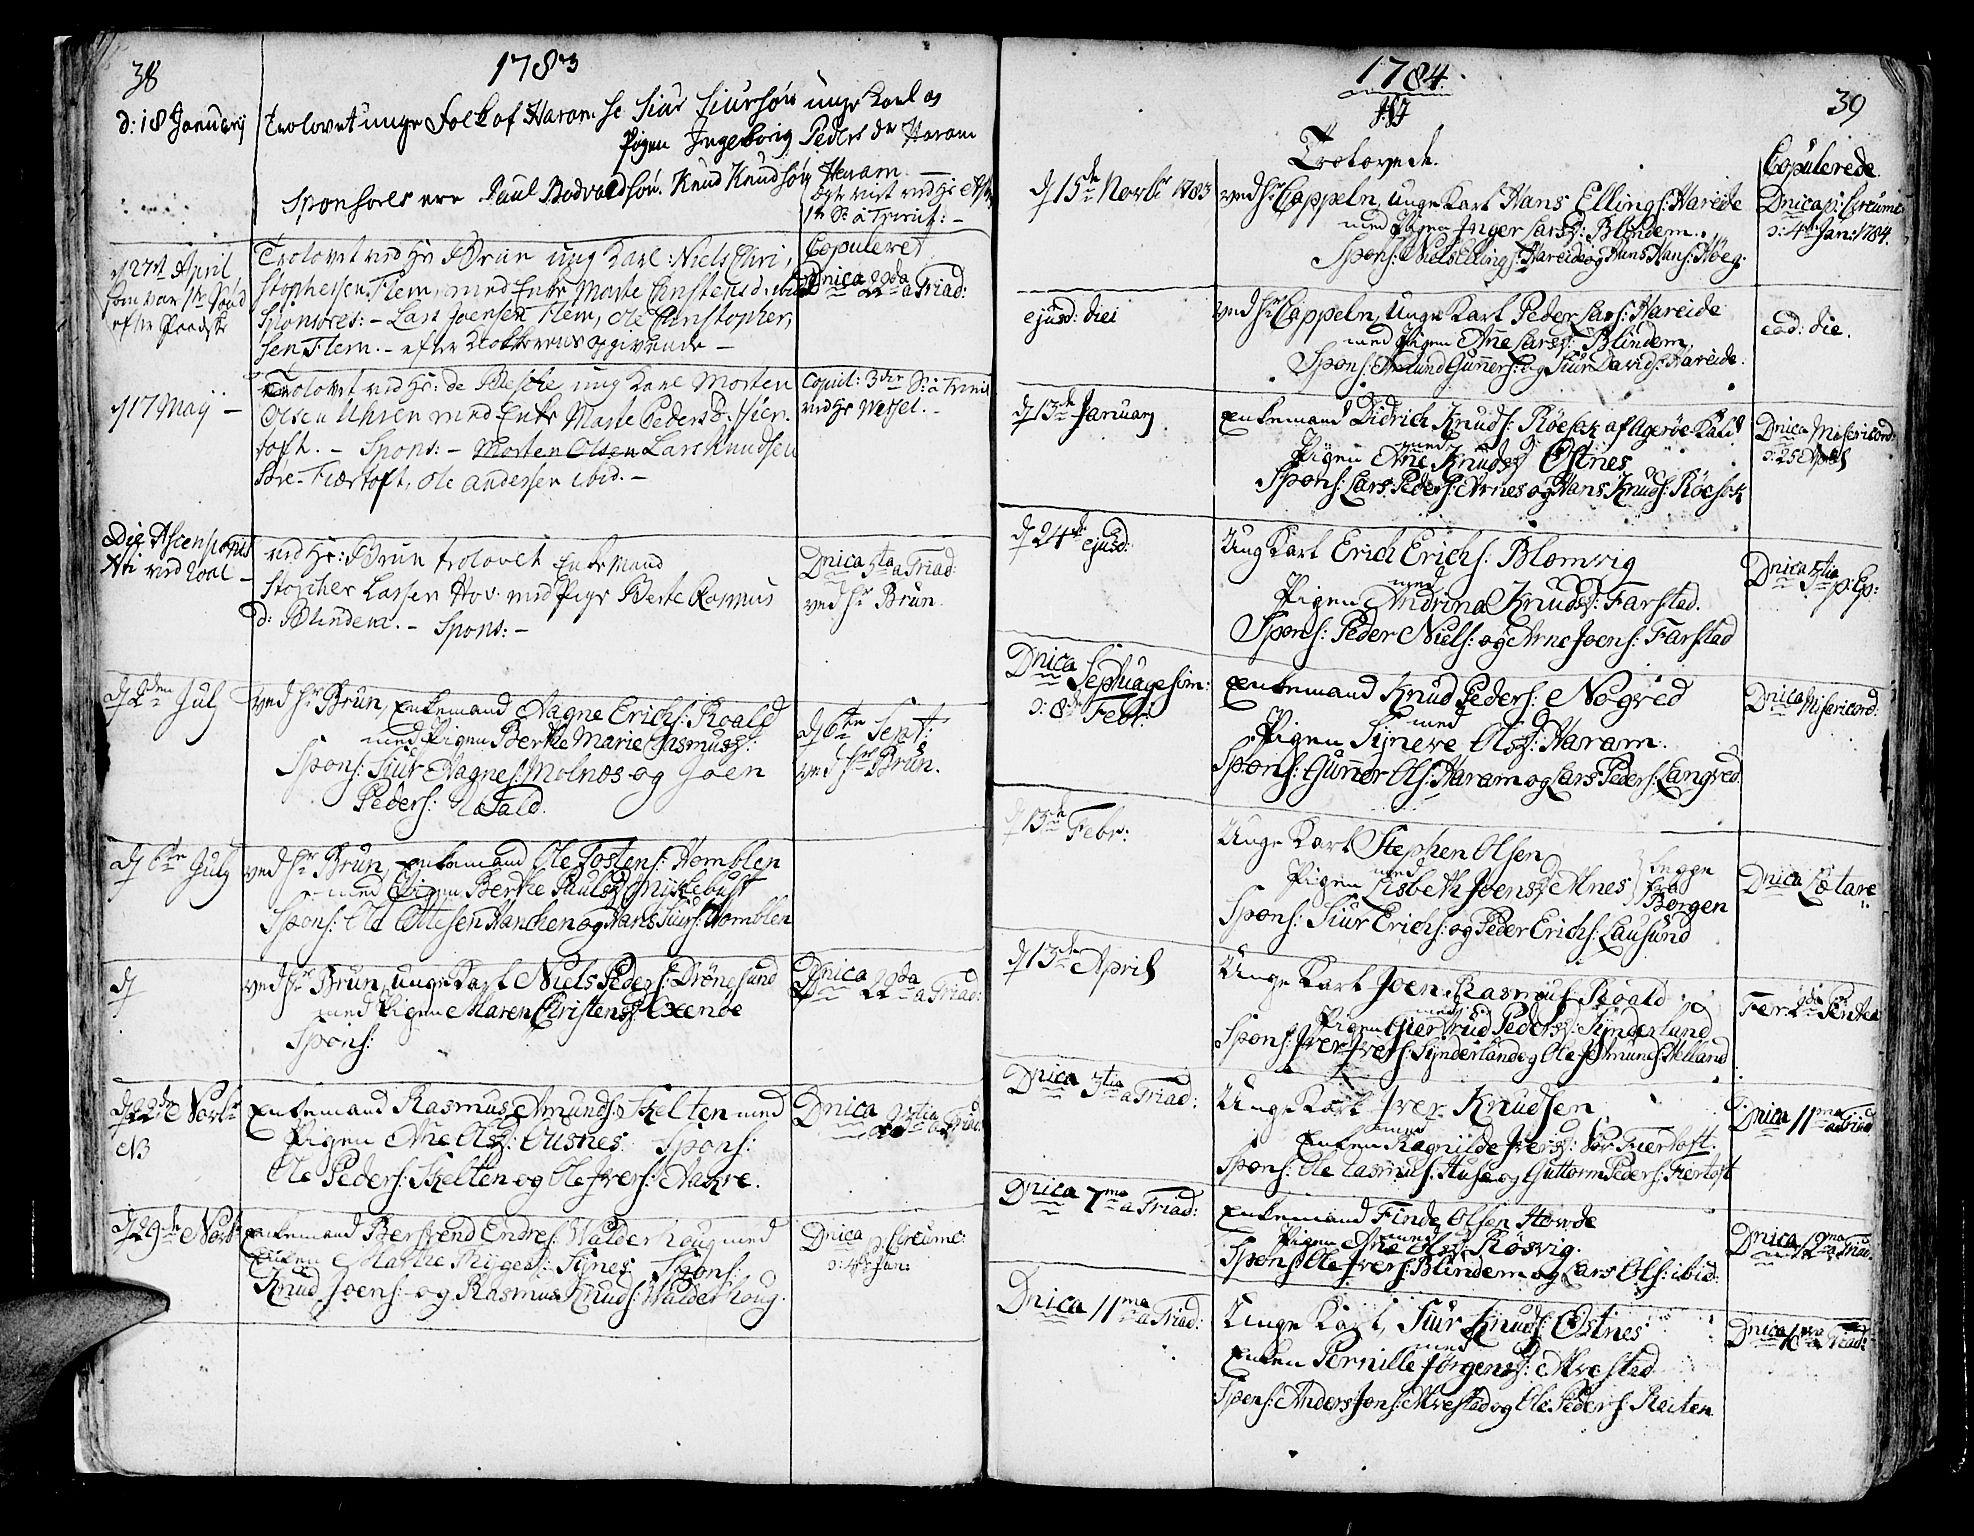 SAT, Ministerialprotokoller, klokkerbøker og fødselsregistre - Møre og Romsdal, 536/L0493: Ministerialbok nr. 536A02, 1739-1802, s. 38-39